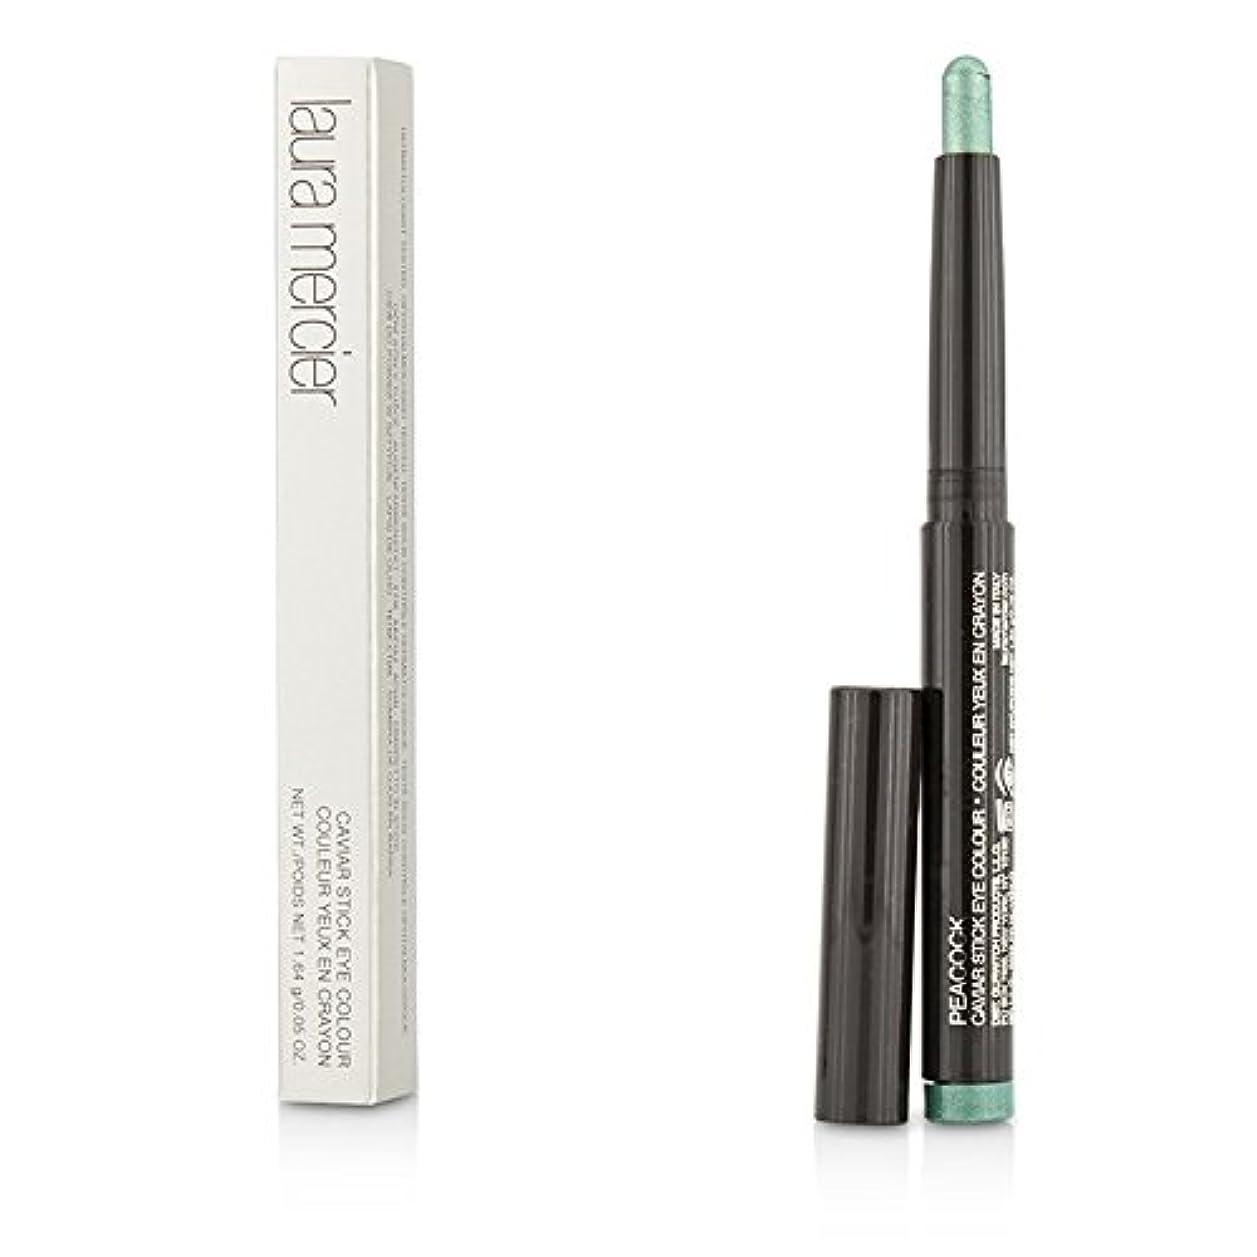 測定可能流用する実り多いローラメルシエ Caviar Stick Eye Color - # Peacock 1.64g/0.05oz並行輸入品